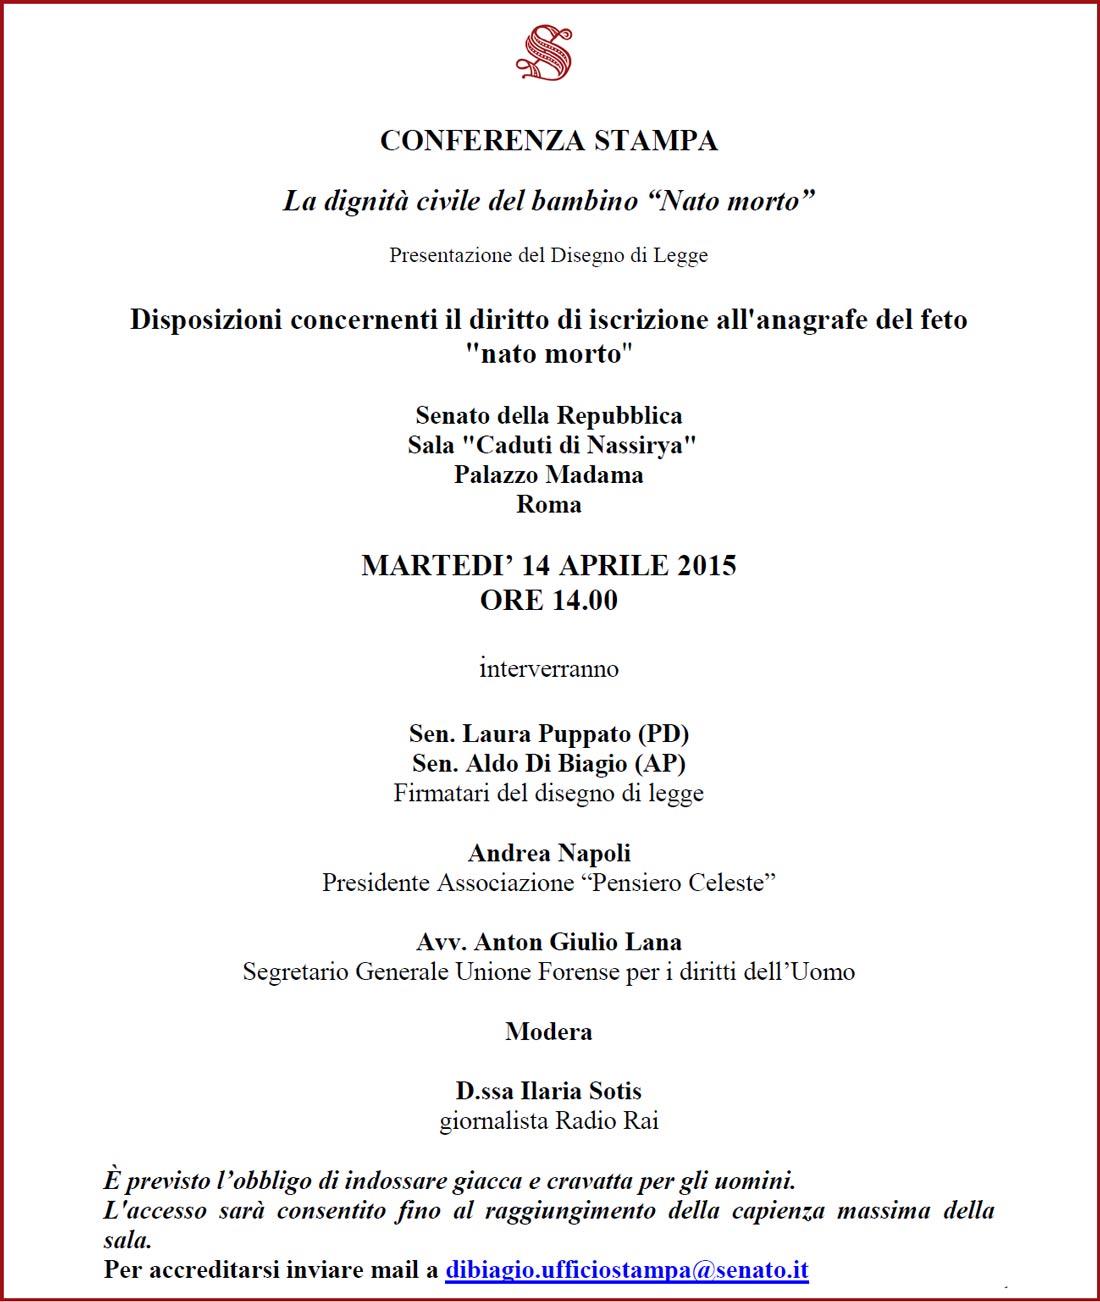 conferenza-stampa-roma